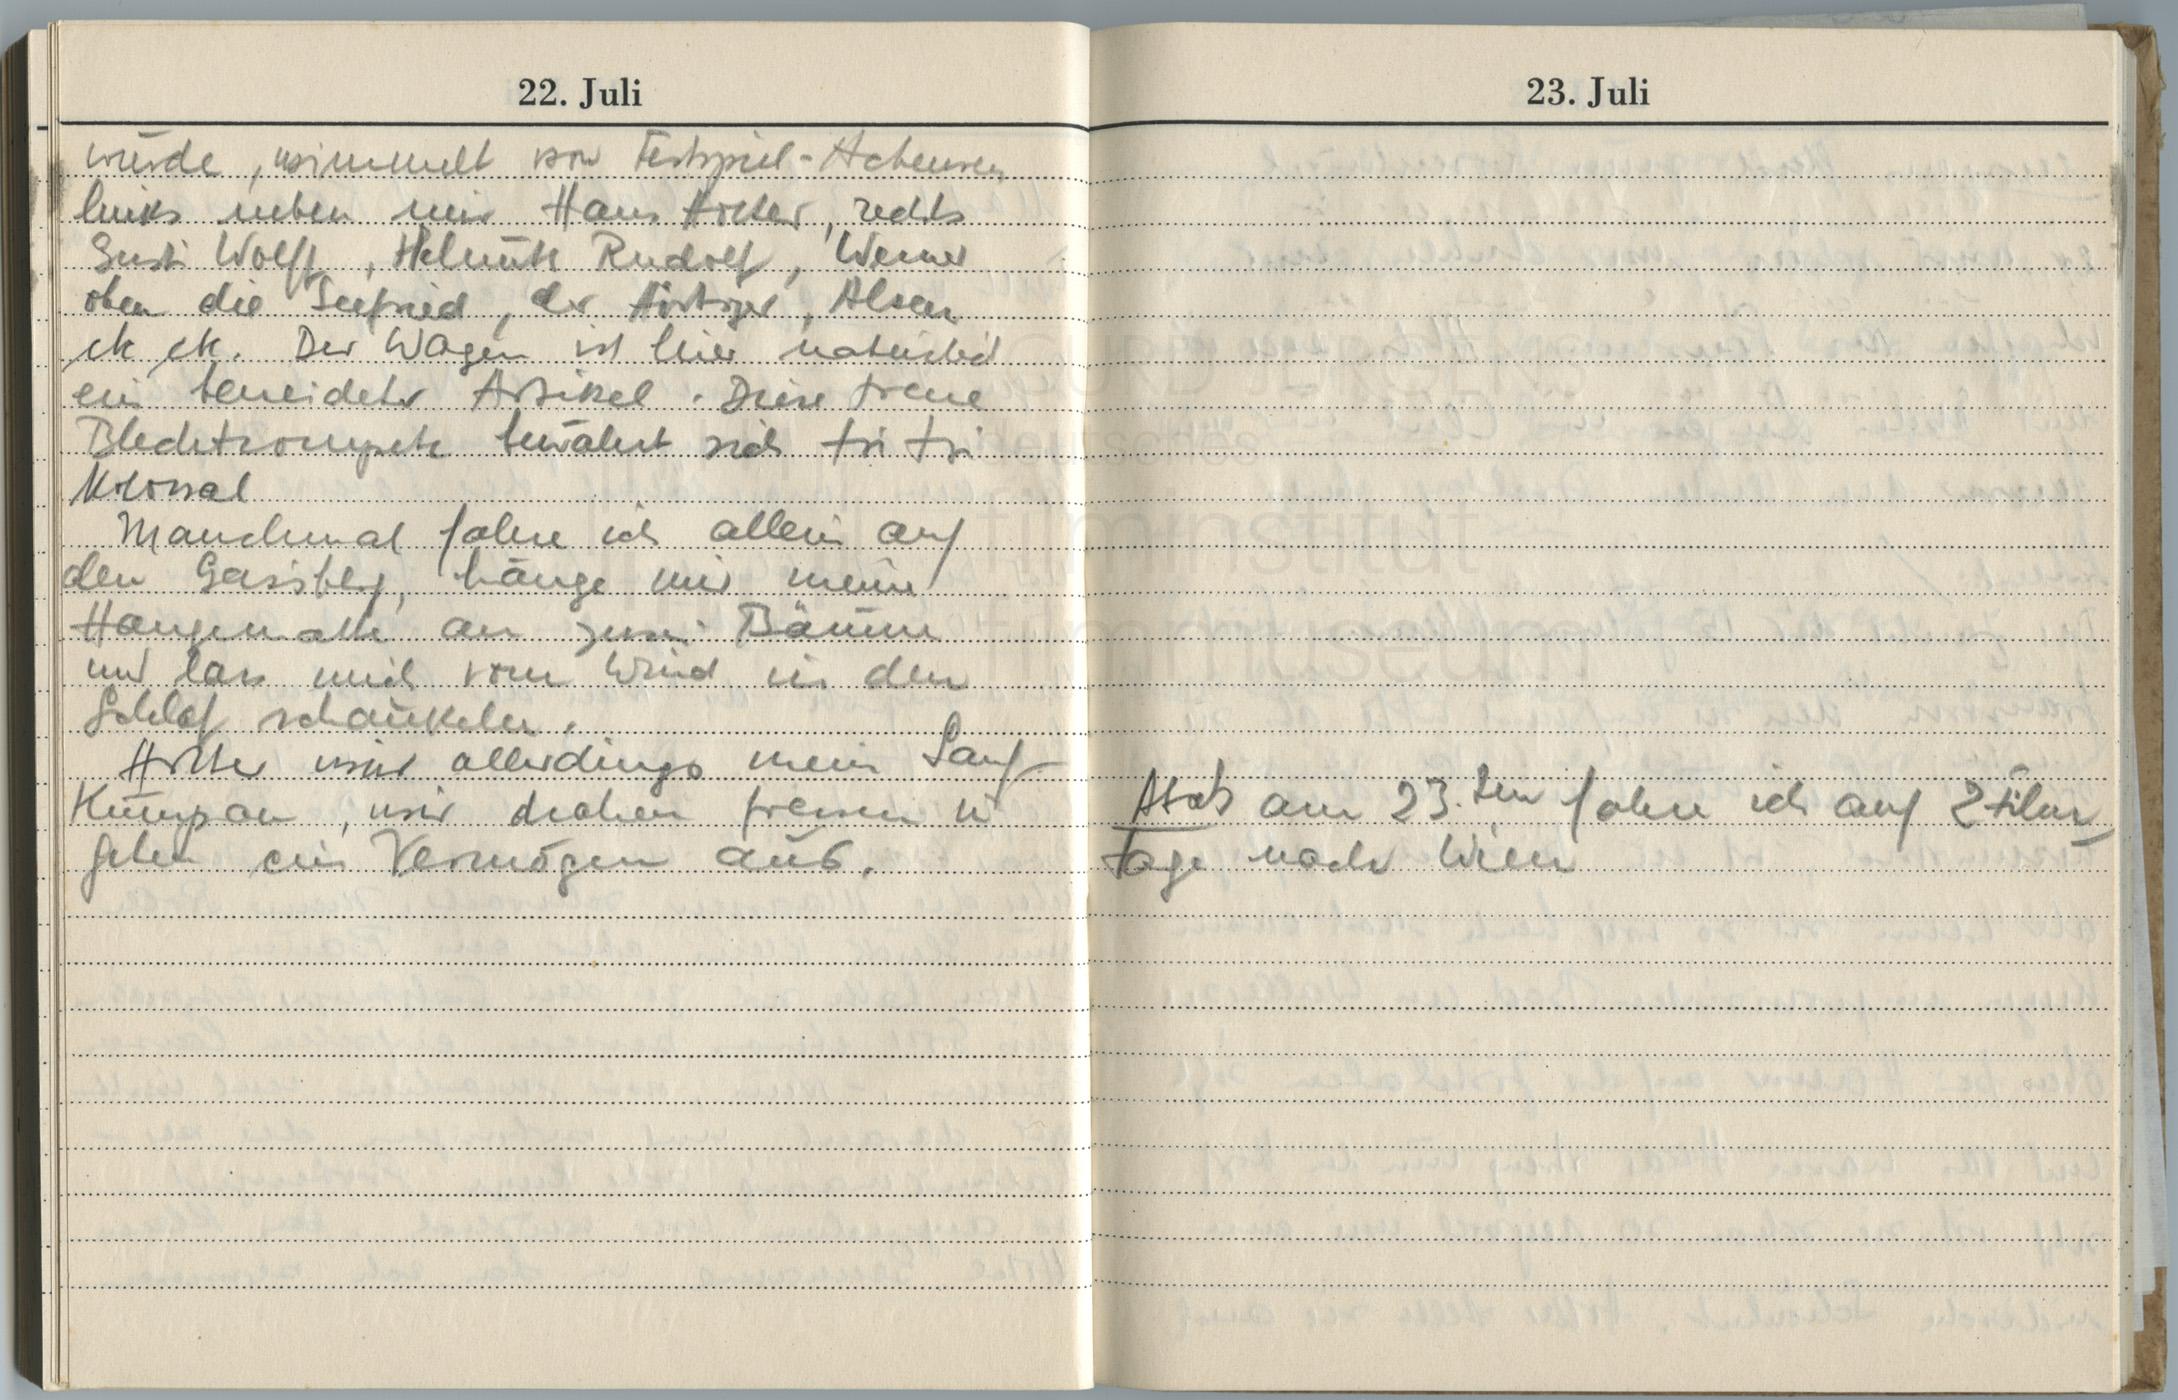 Tagebucheintragungen vom 21.7. bis 22.7.1947